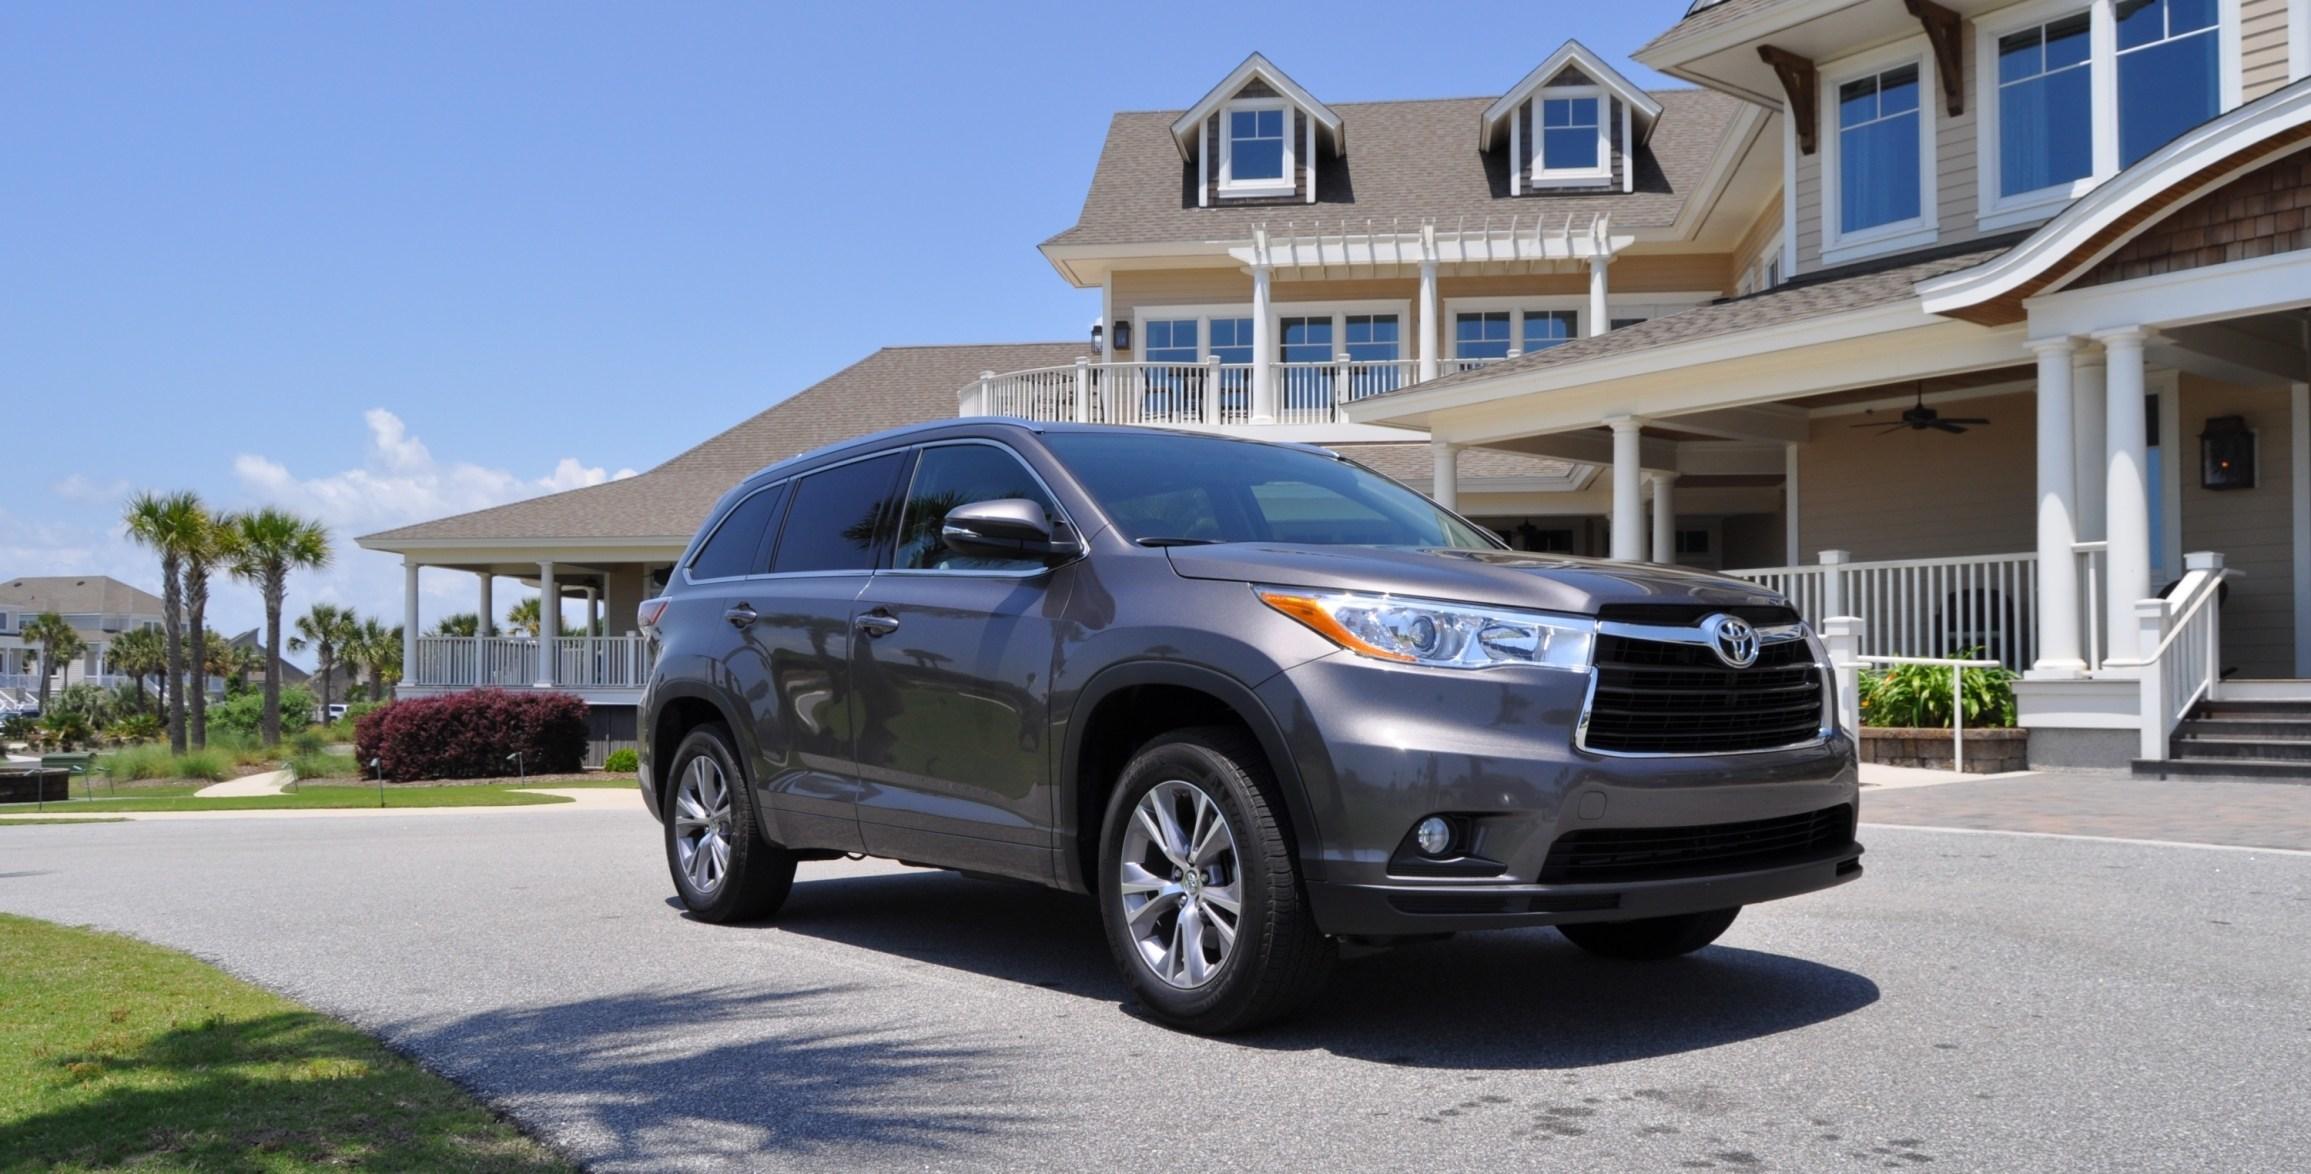 Car-Revs-Daily.com Road Test Review - 2014 Toyota Highlander XLE V6 76